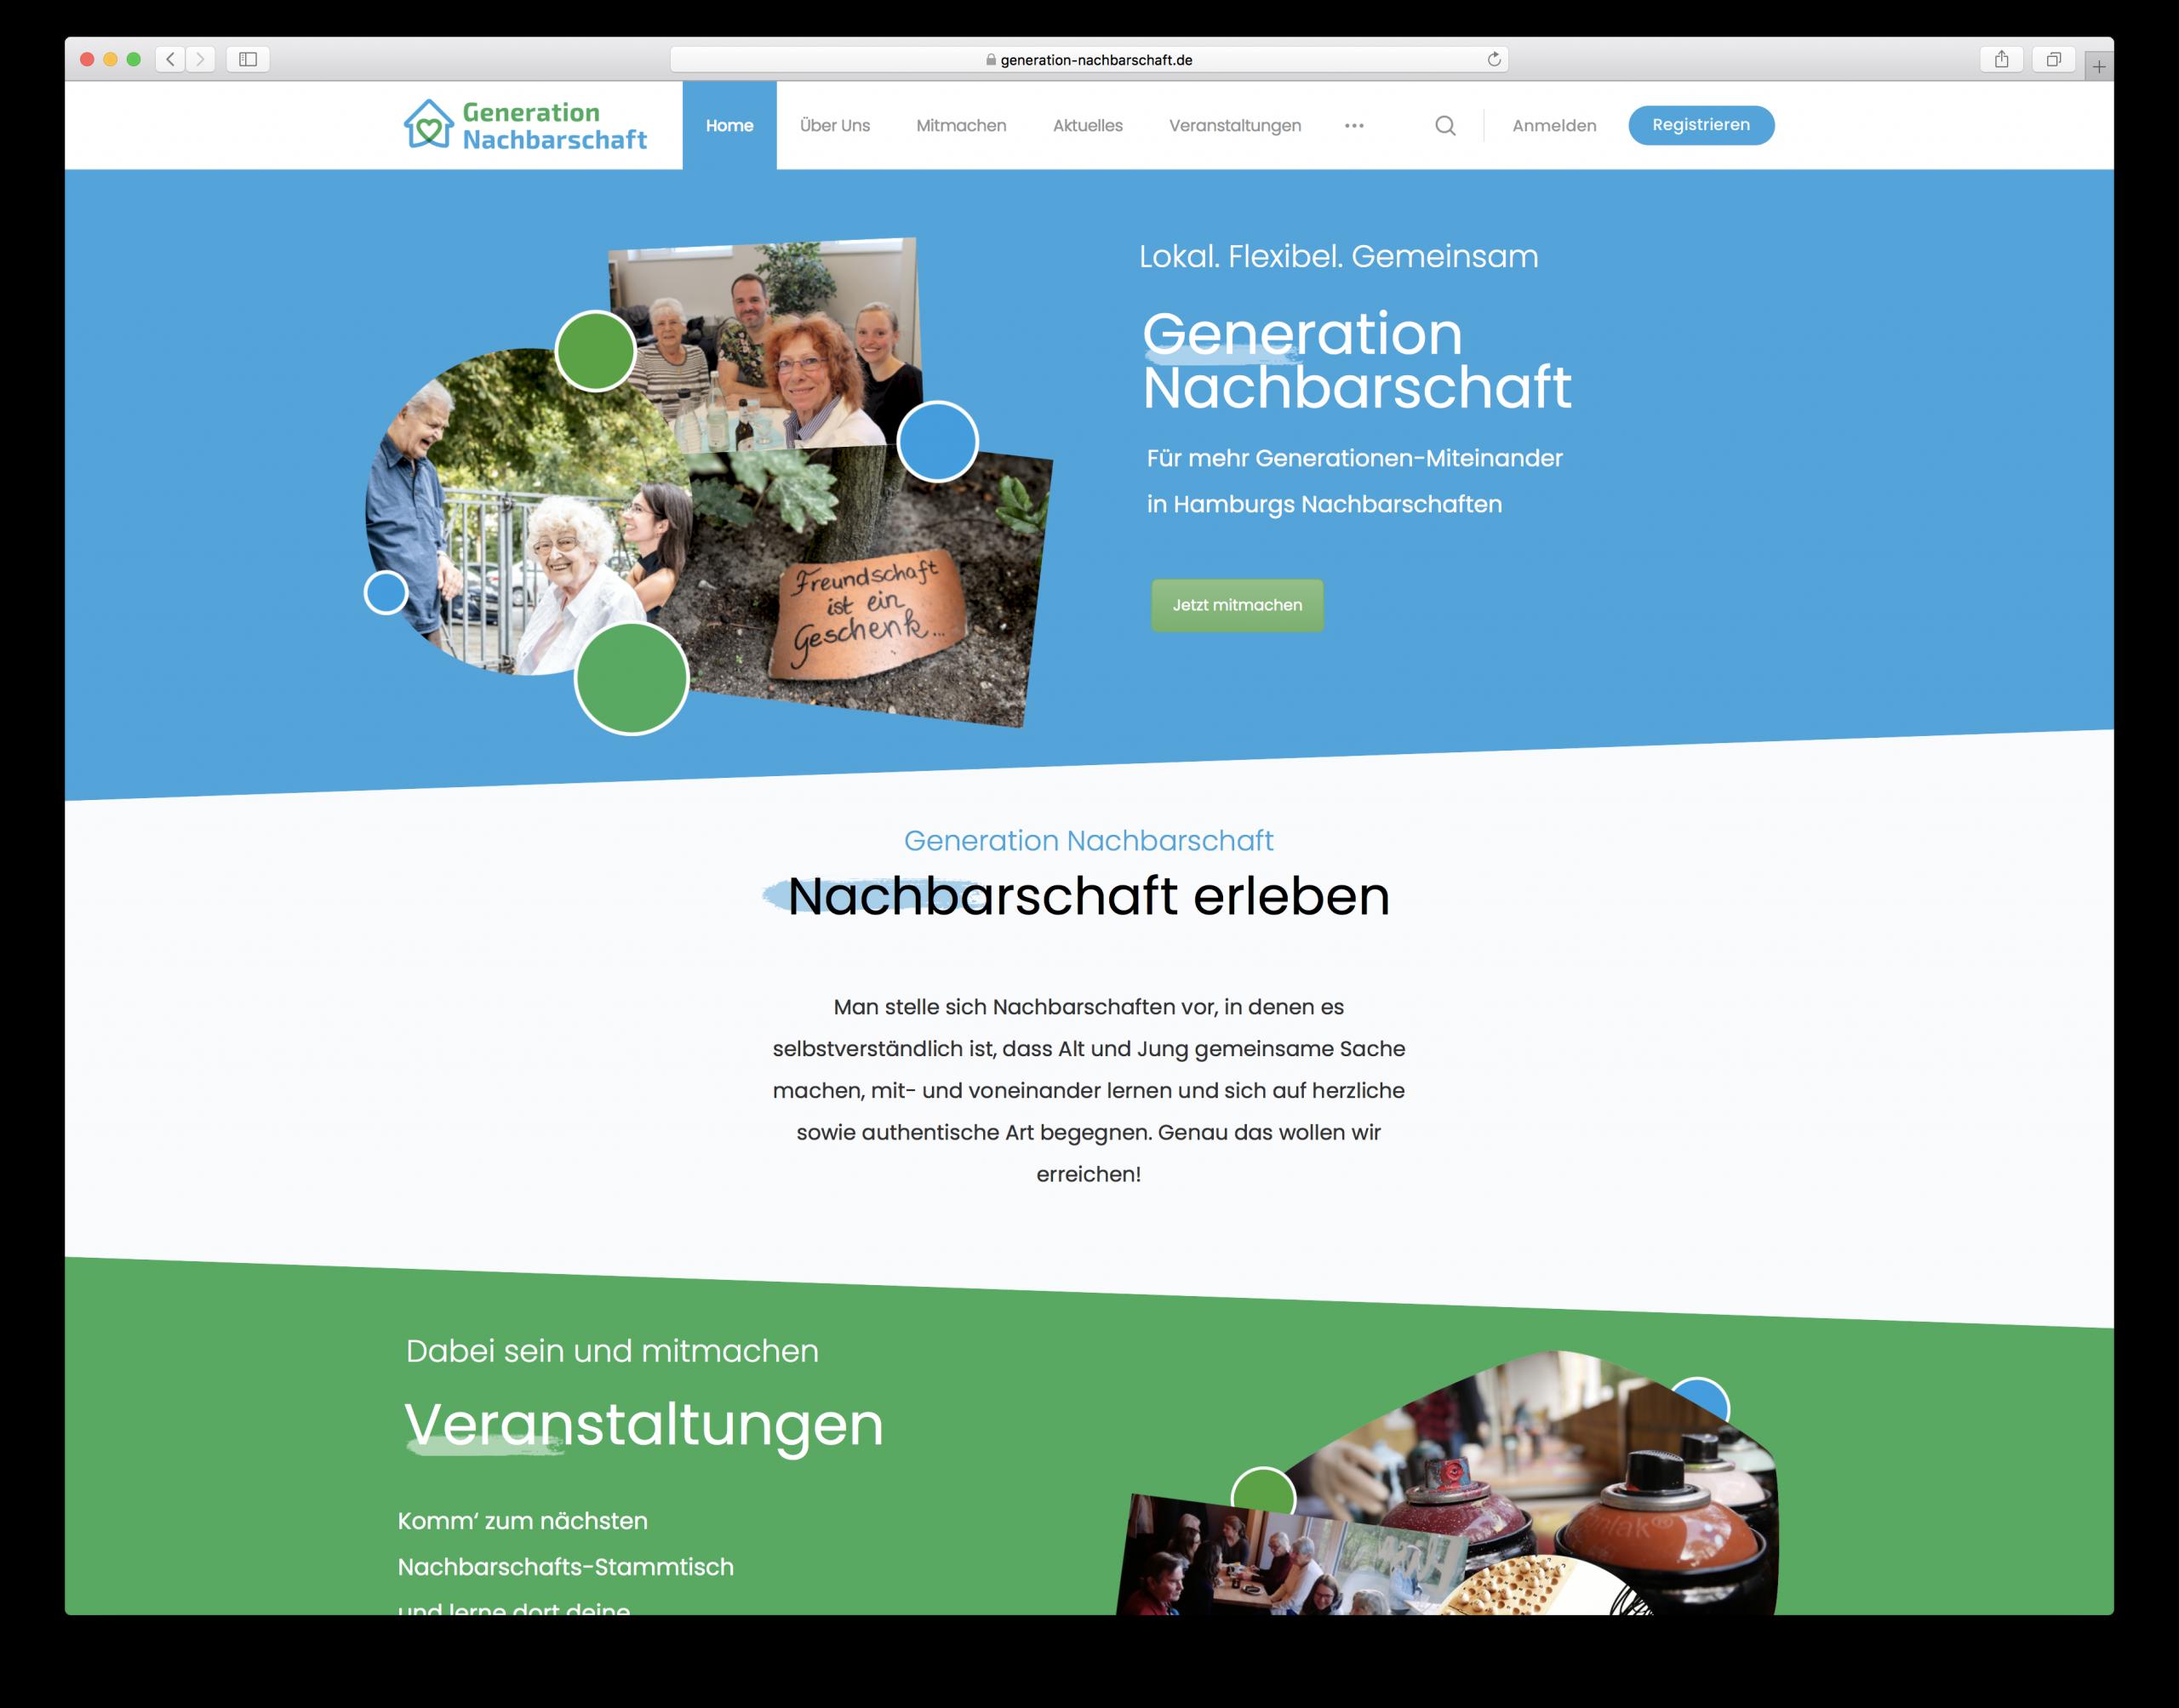 Generation Nachbarschaft social media netzwerk wordpress redesign homepage